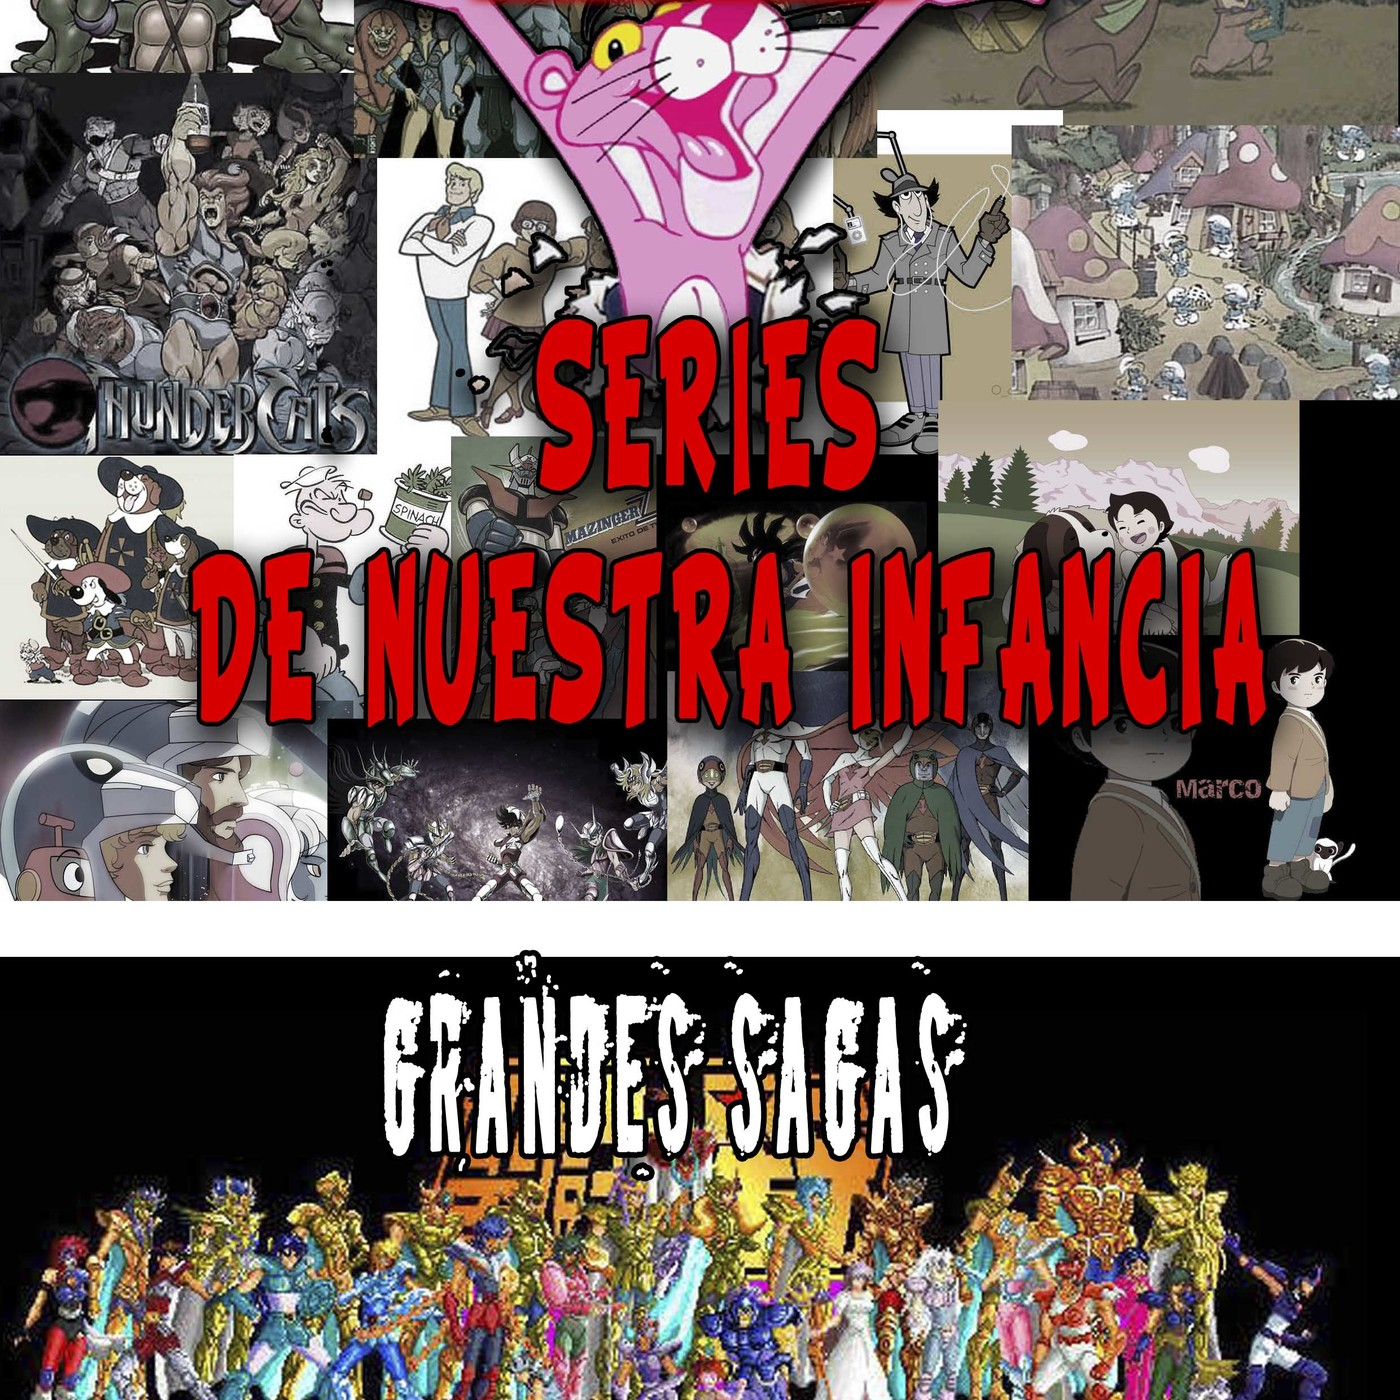 [LGDS] La Guarida Del Sith 2x02 Especial 'Series de Nuestra Infancia',Stuck, Saint Seiya,